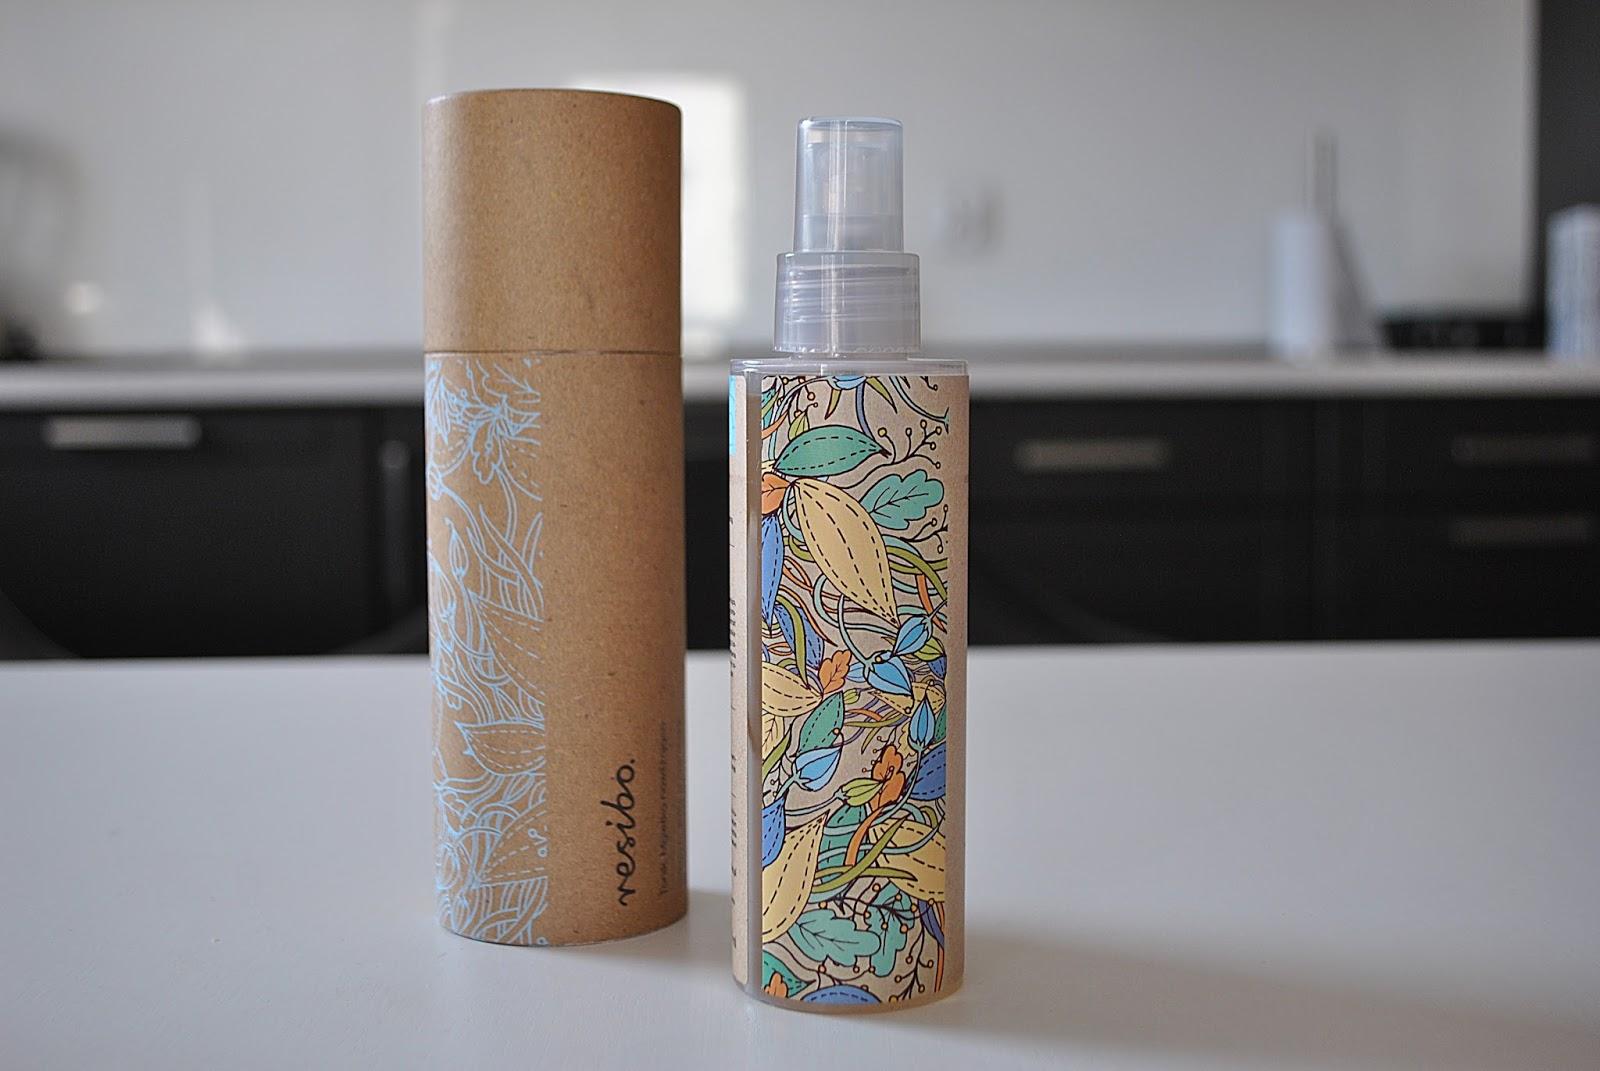 Tonik - mgiełkę nawilżającą marki Resibo